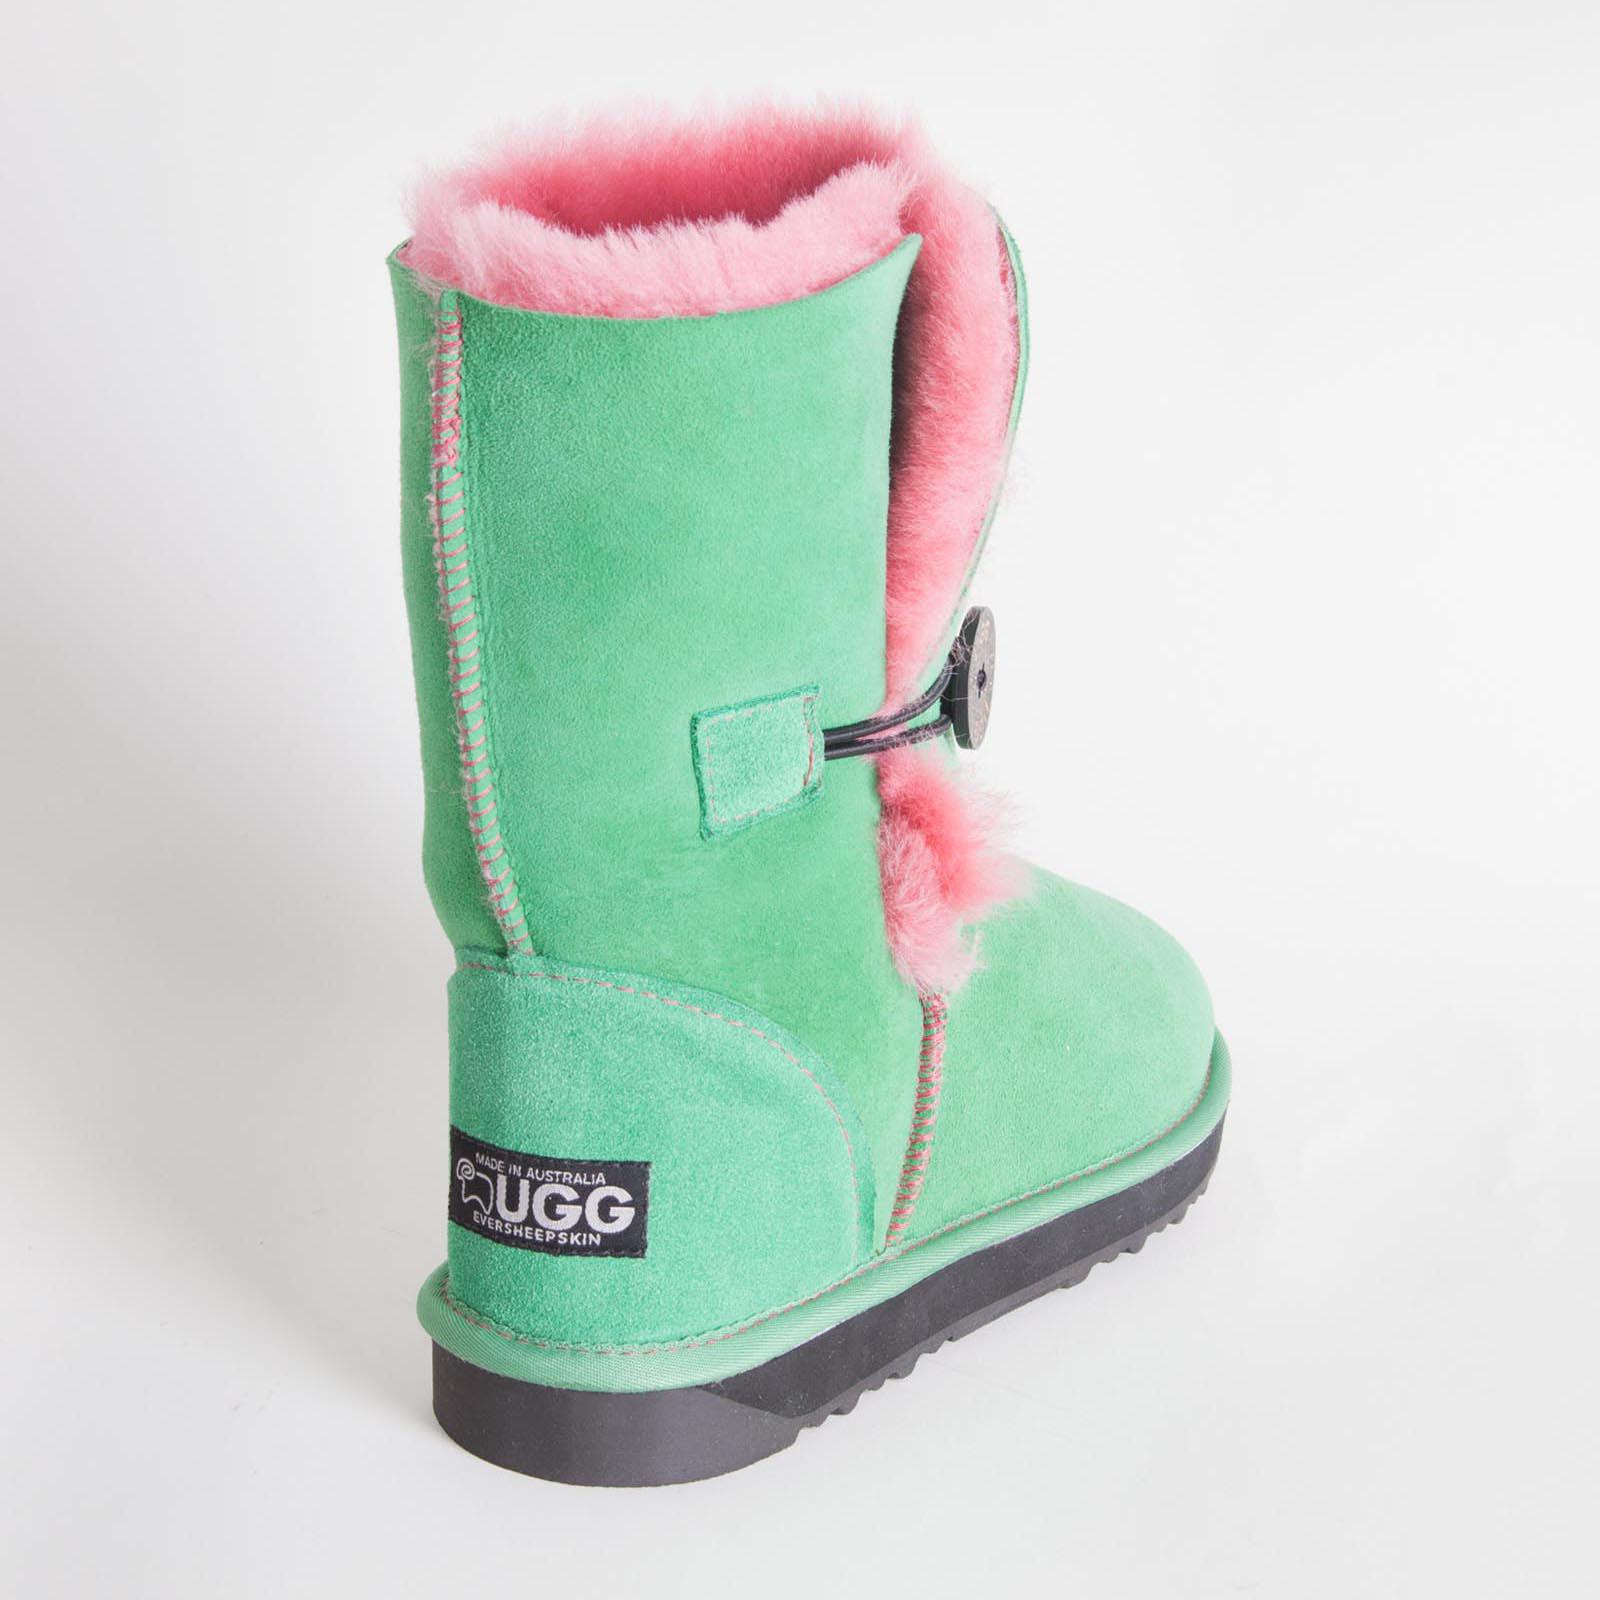 4a69114c01e7 Ugg Boots Sheepskin Ladies Short Button Outdoor Australian Green ...